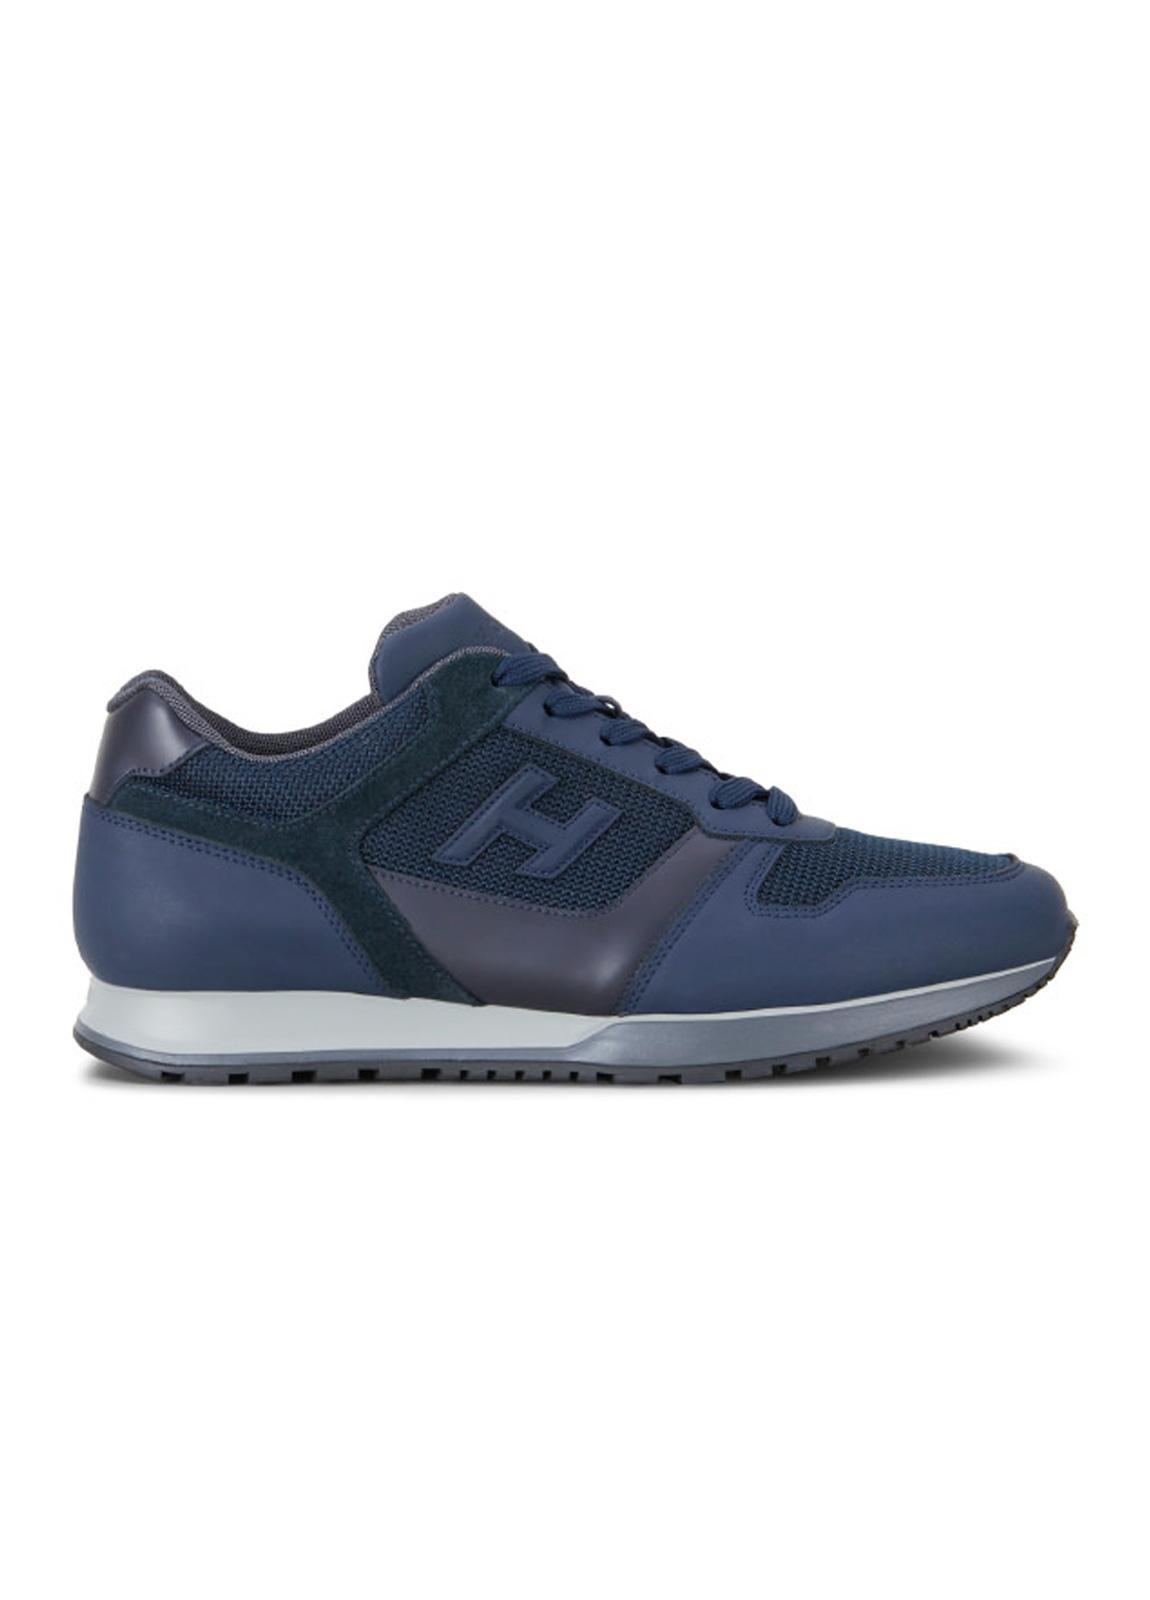 Calzado sport SNEAKER H-321 color azul. Combinación de piel, ante y tejido técnico.